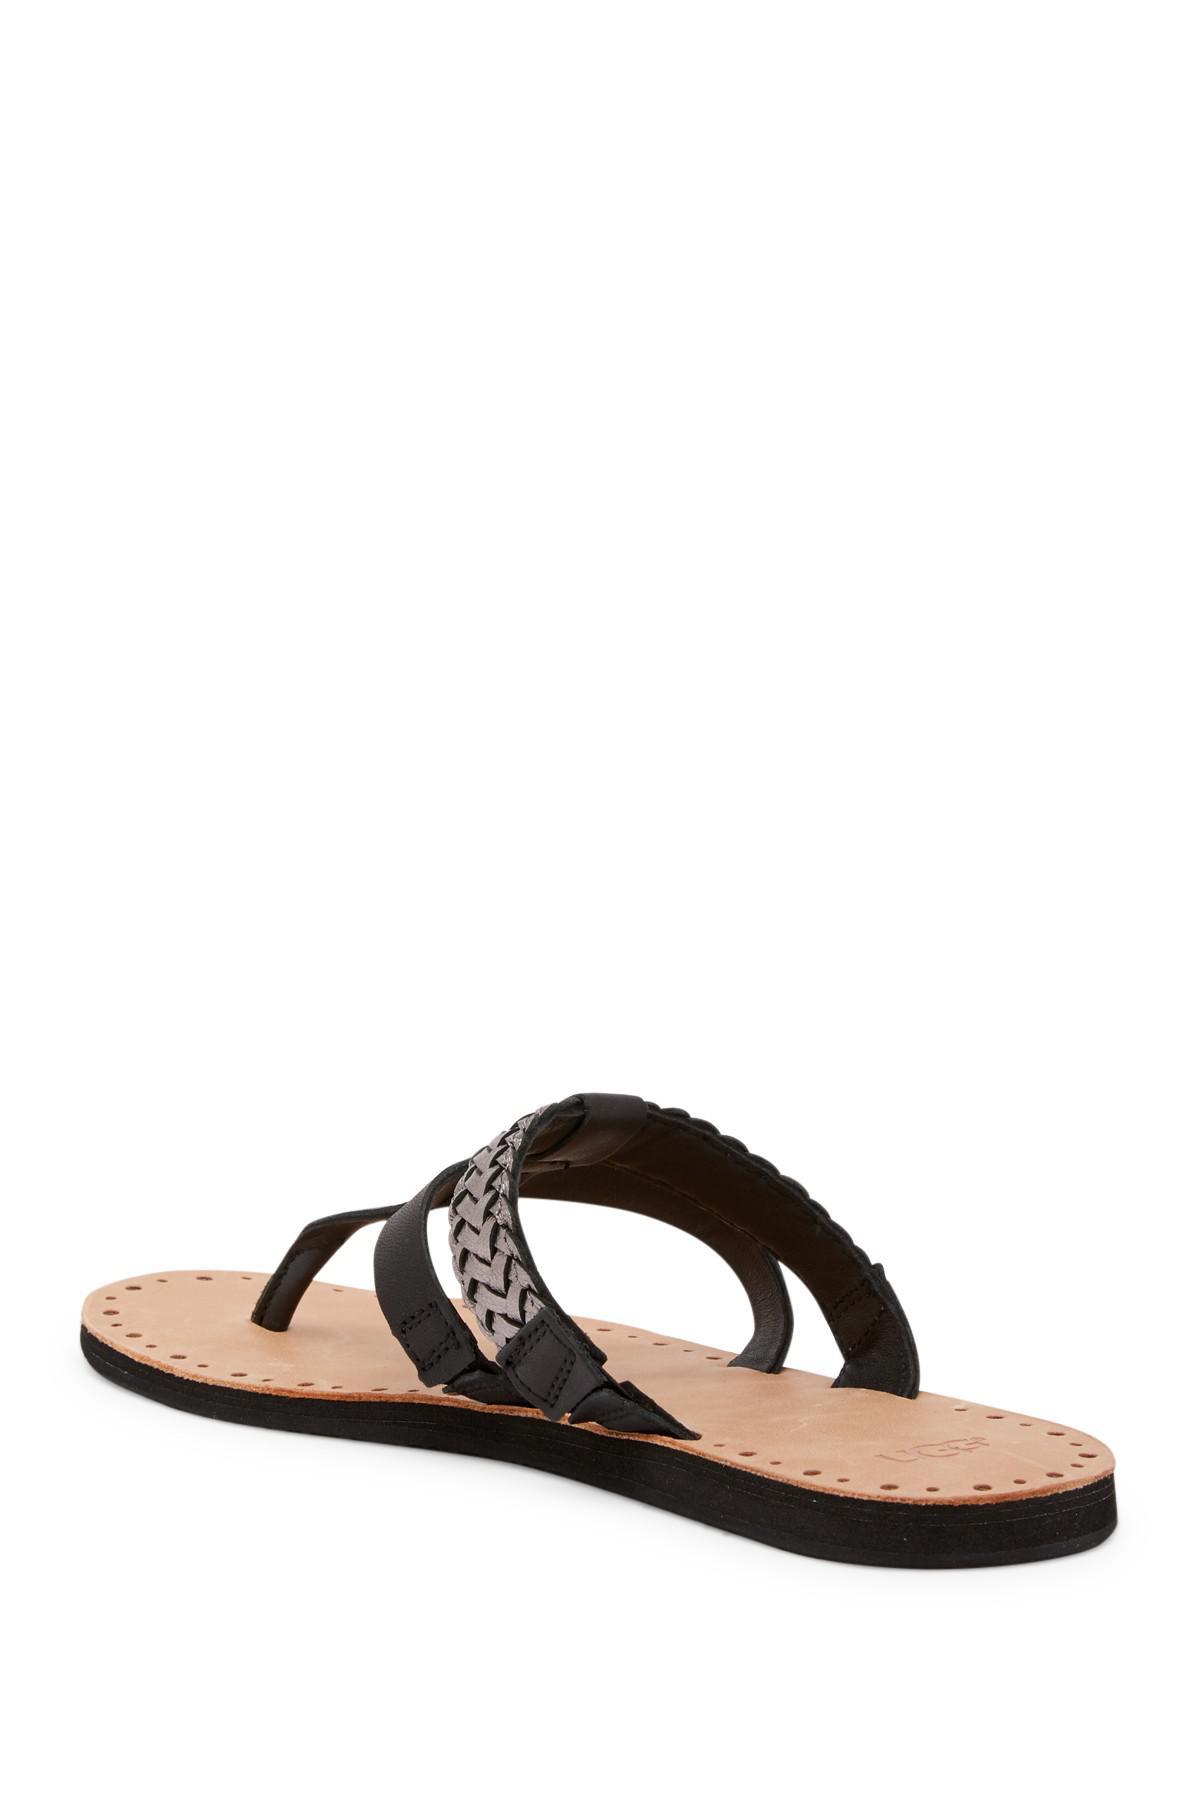 UGG Audra Metallic Sandal qhSqe